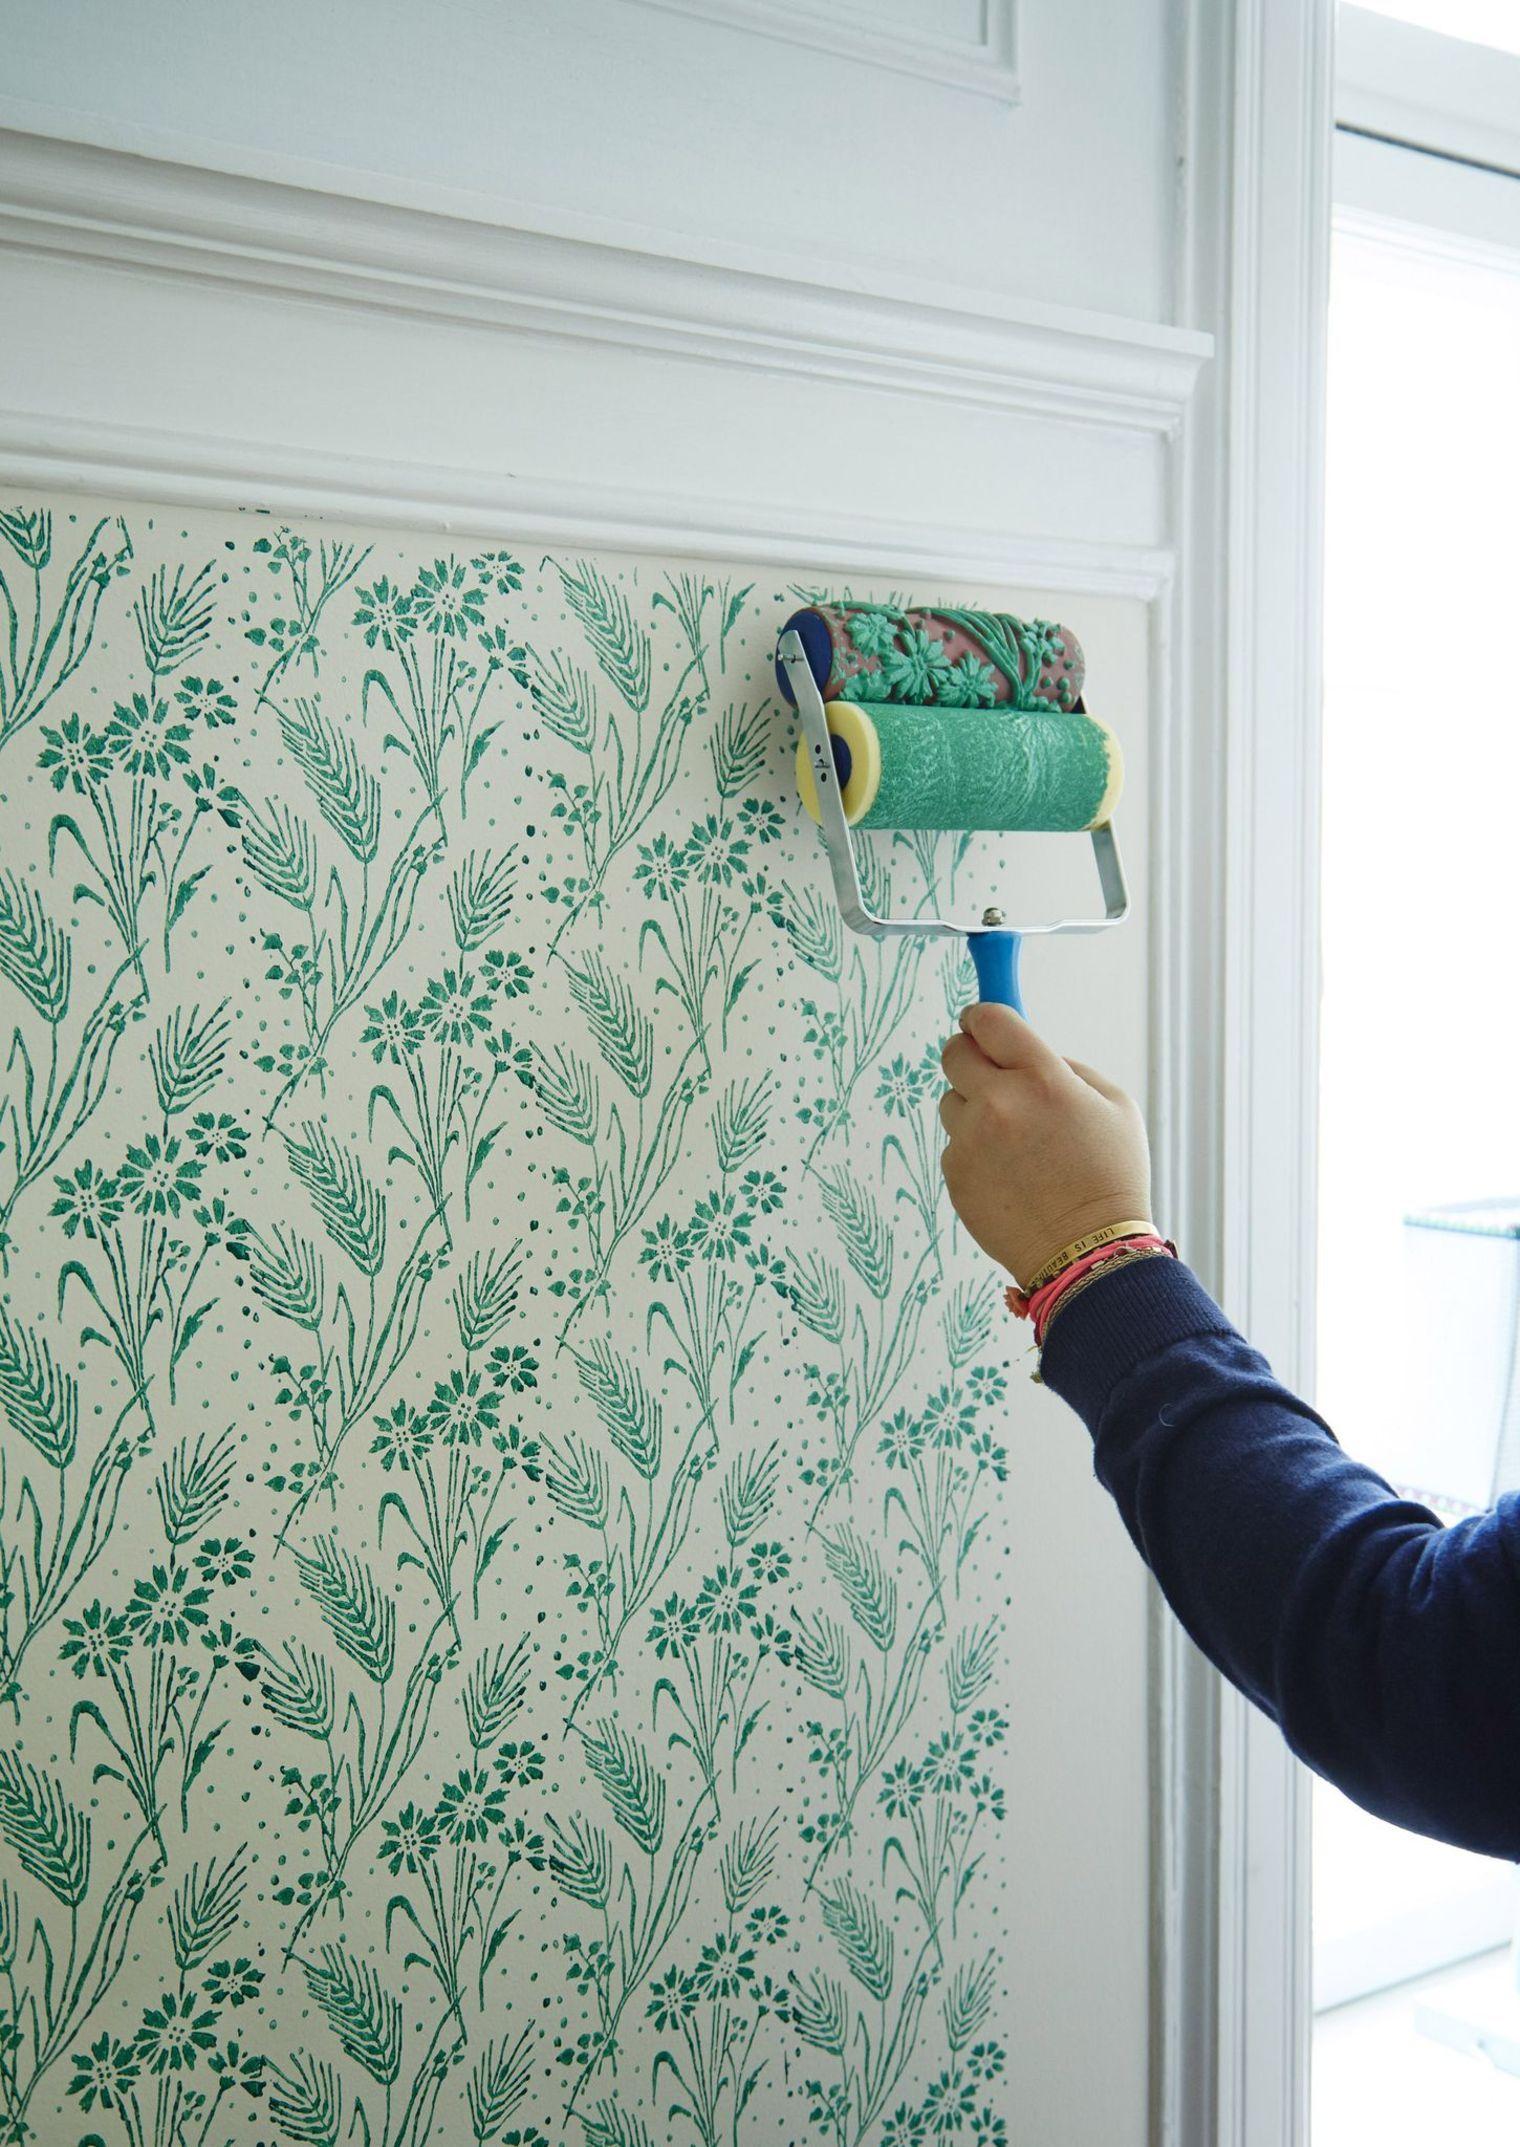 Superieur Art Mural · Rouleau Tampon Décoratif ... Bonnes Idees